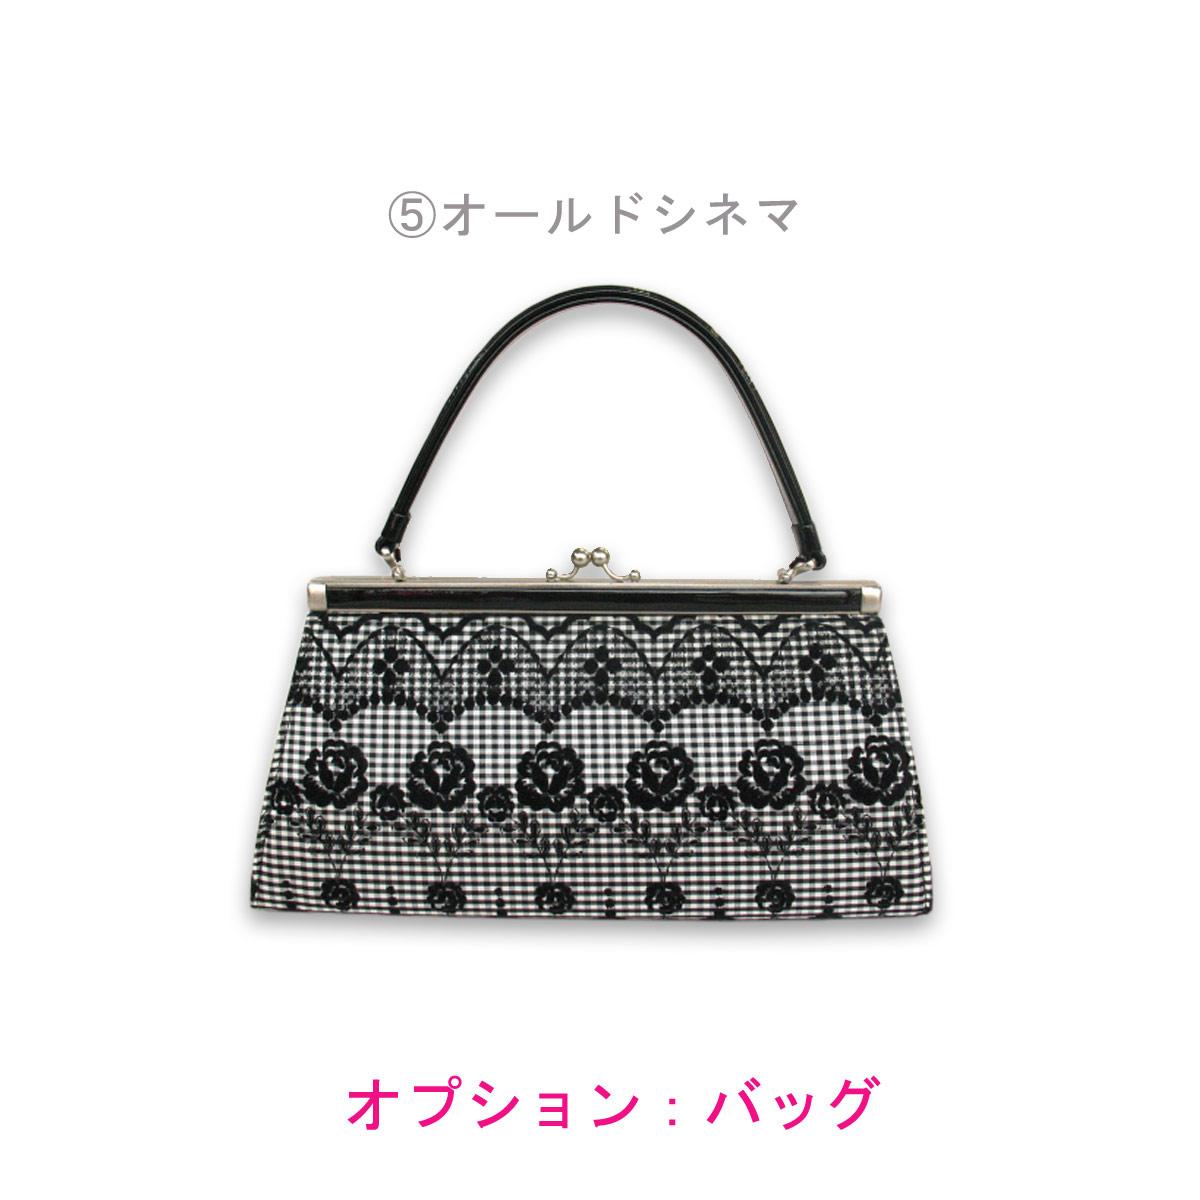 【レンタル】振袖 鶴 赤